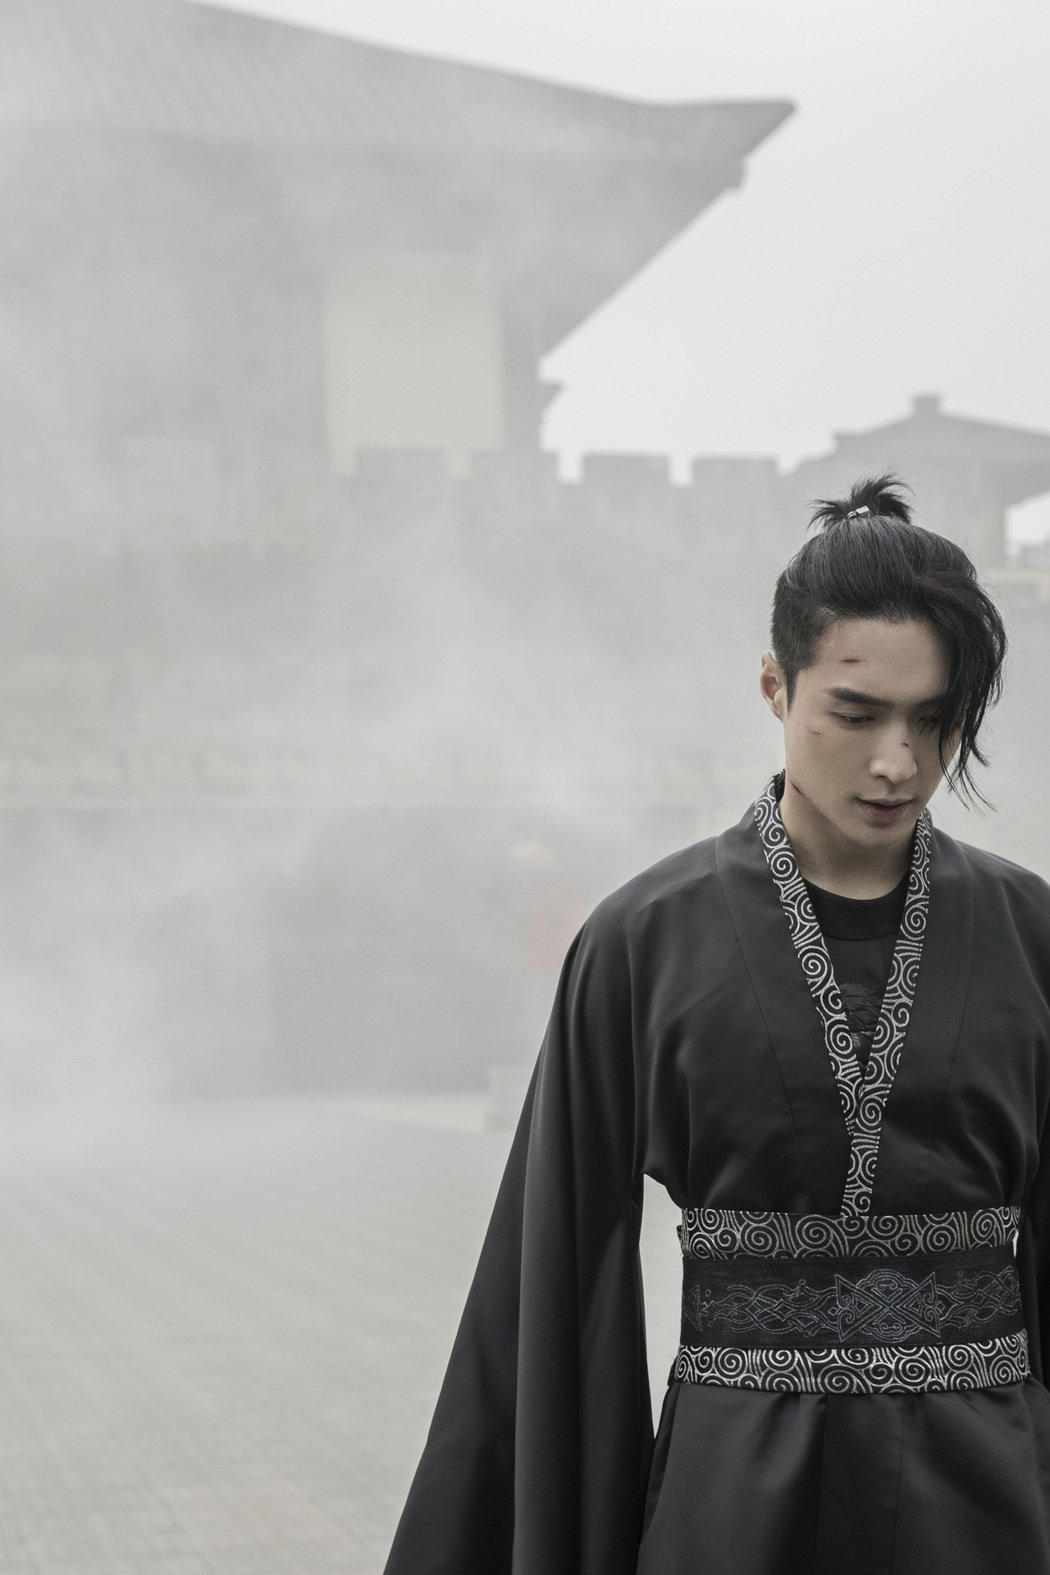 張藝興以古裝扮相拍攝「蓮」MV。圖/張藝興工作室提供